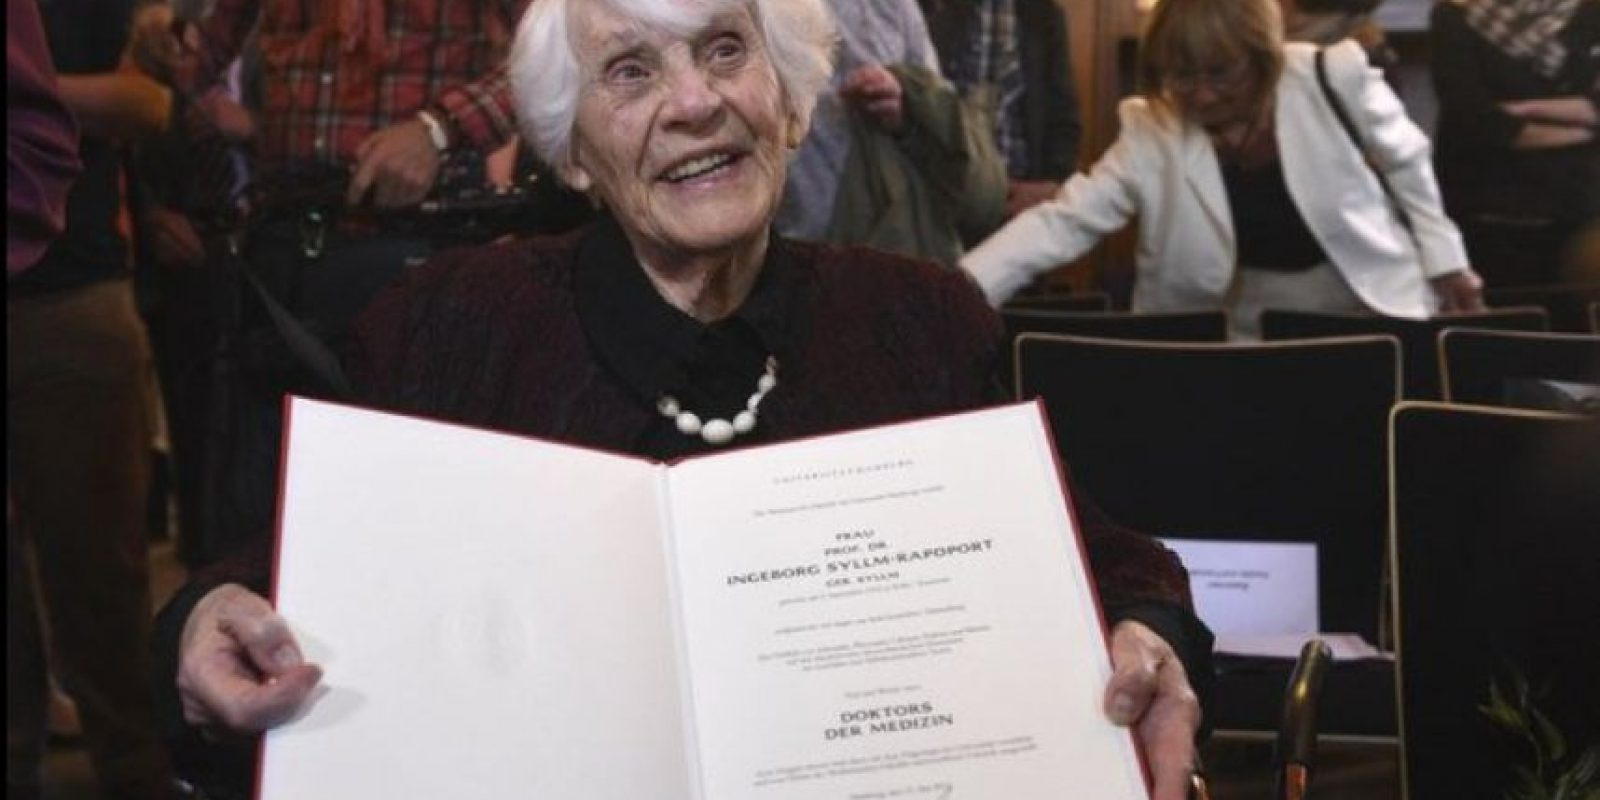 Ingeborg Rapoport, a los 102 años, recibió su doctorado en Medicina. Foto:Twitter